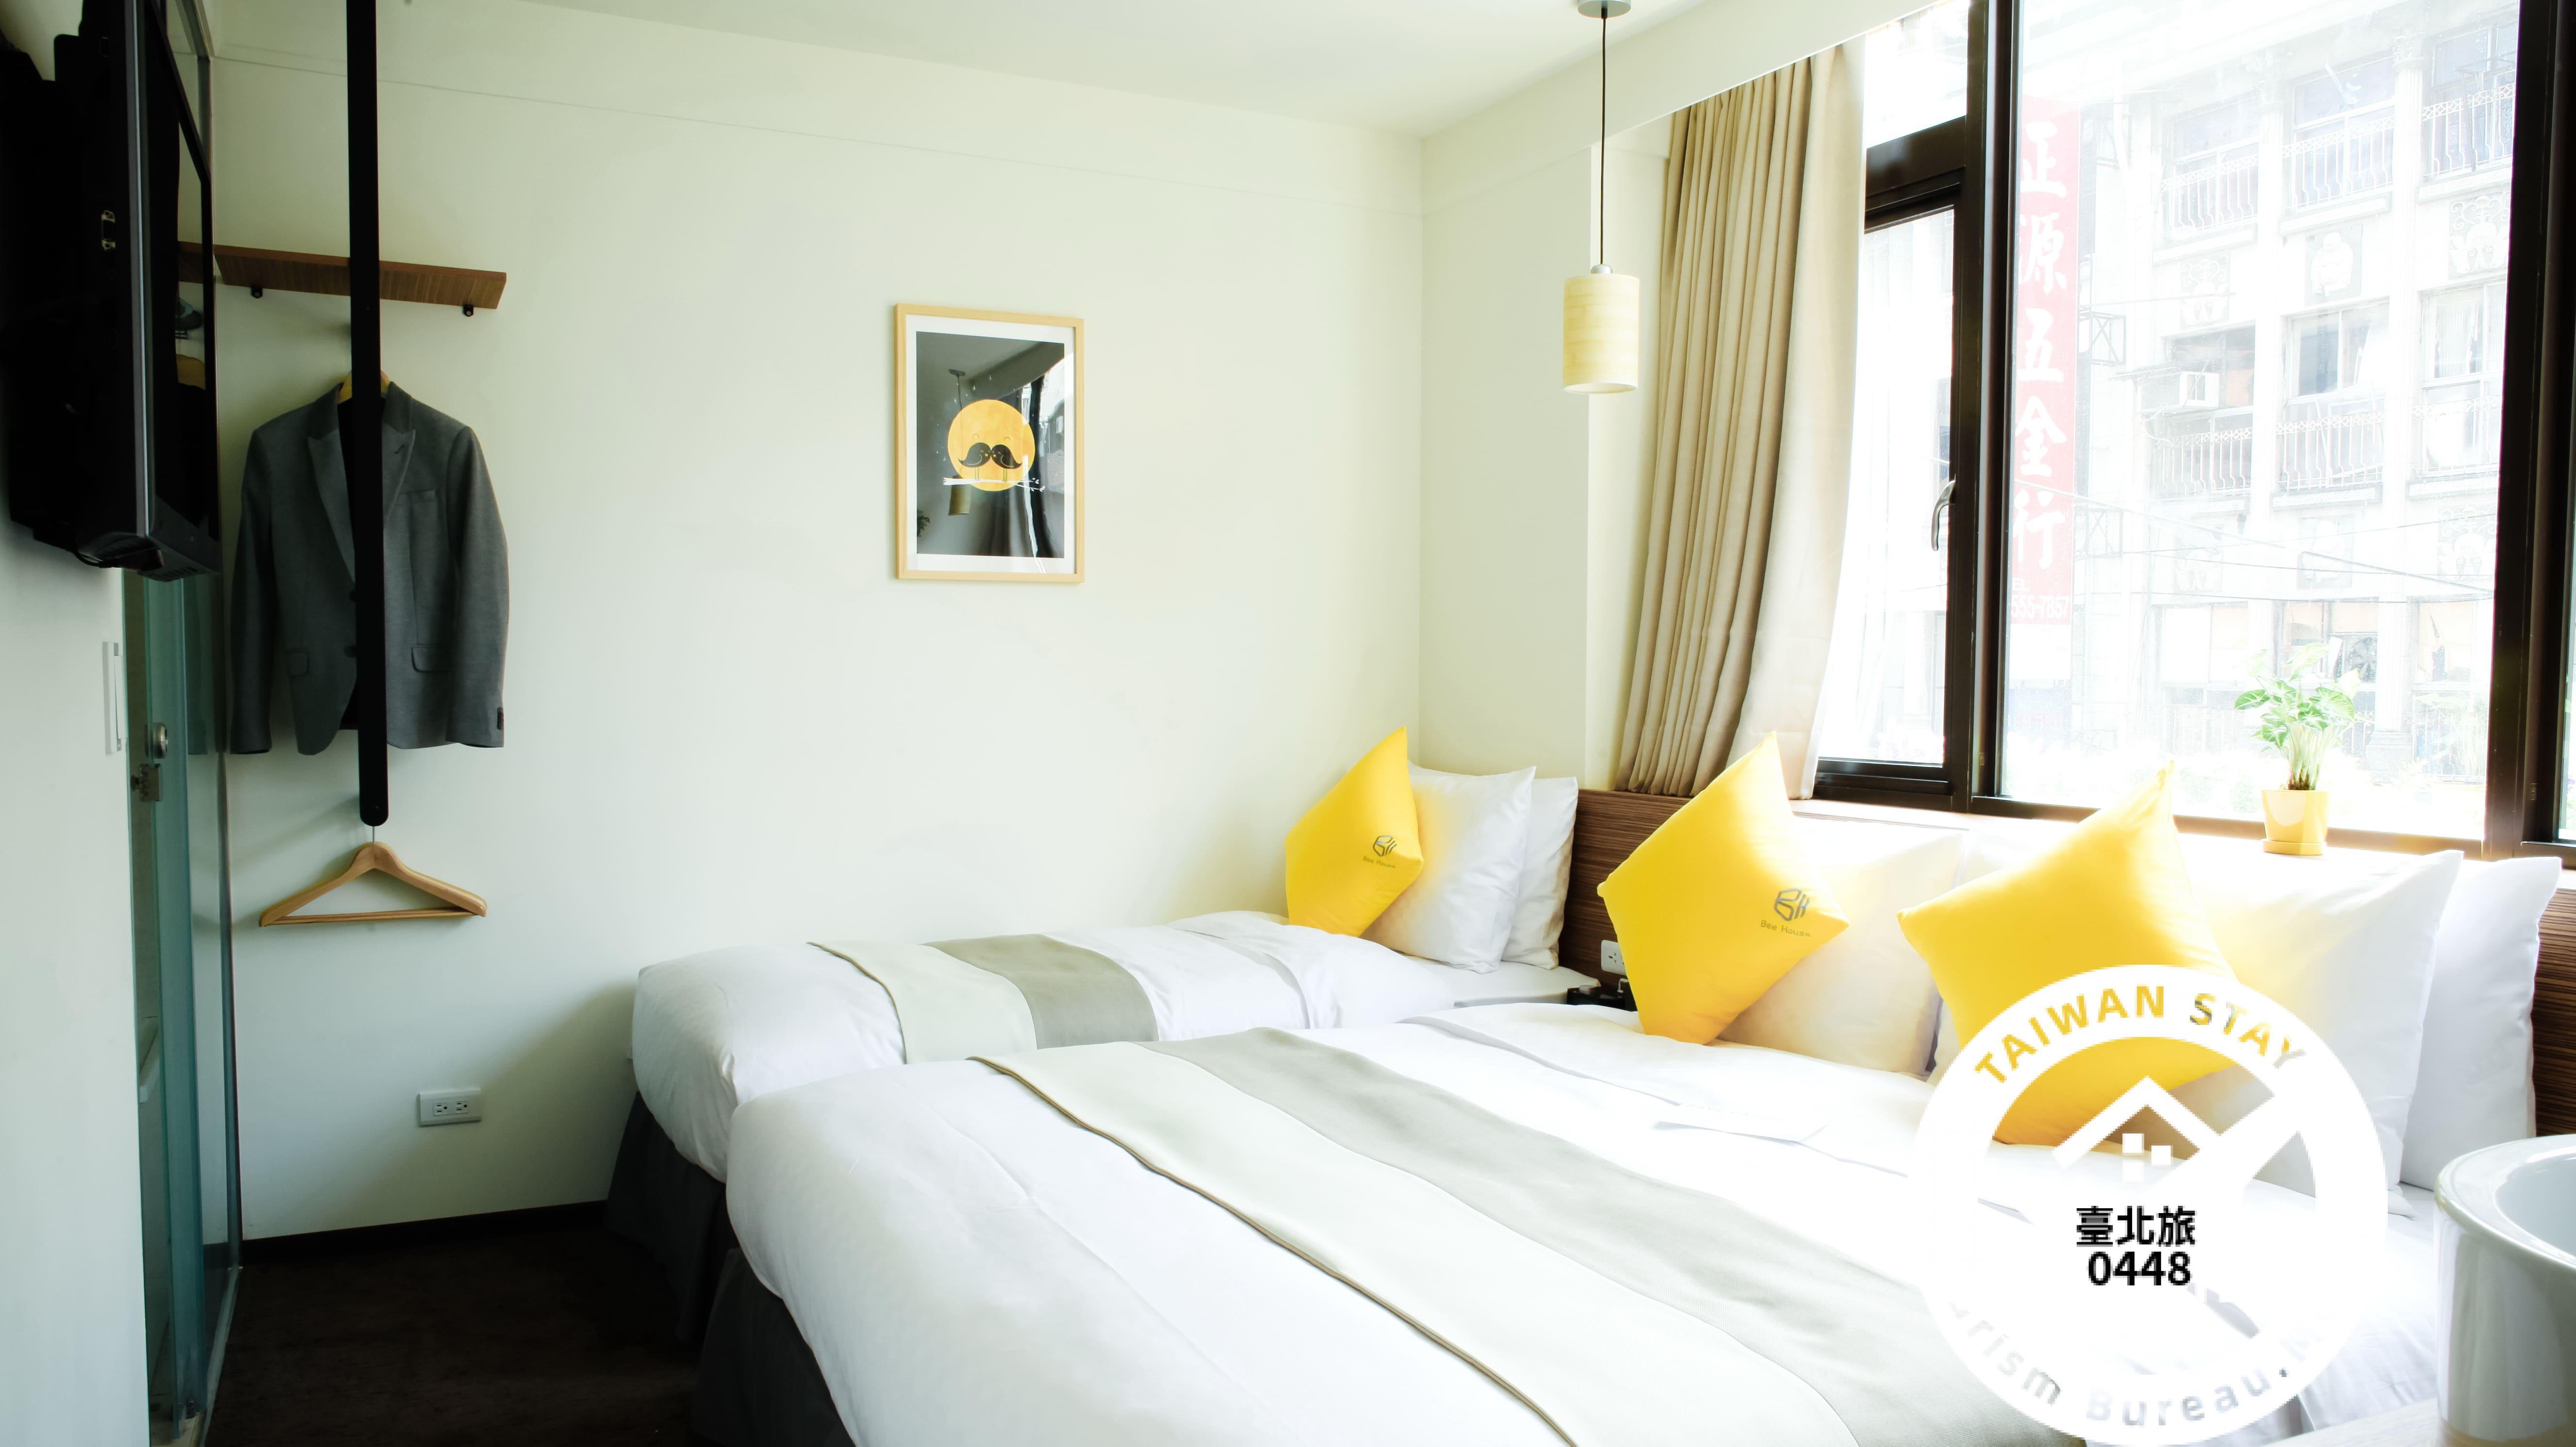 豪華客房(一大床一小床)照片_1